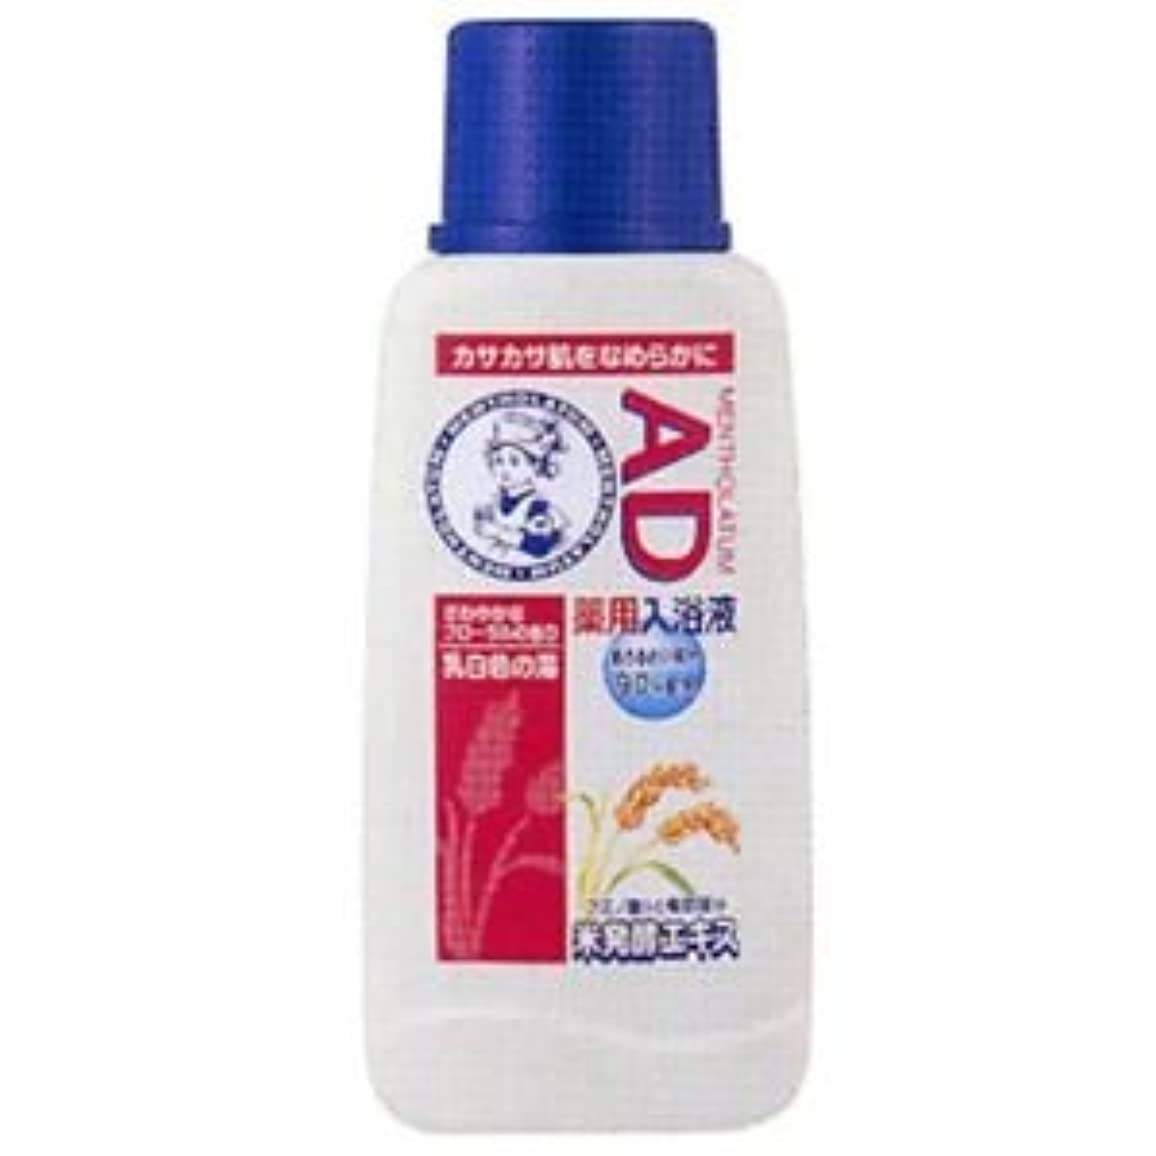 メンソレータム AD薬用入浴剤 フローラルの香り(入浴剤) 5セット